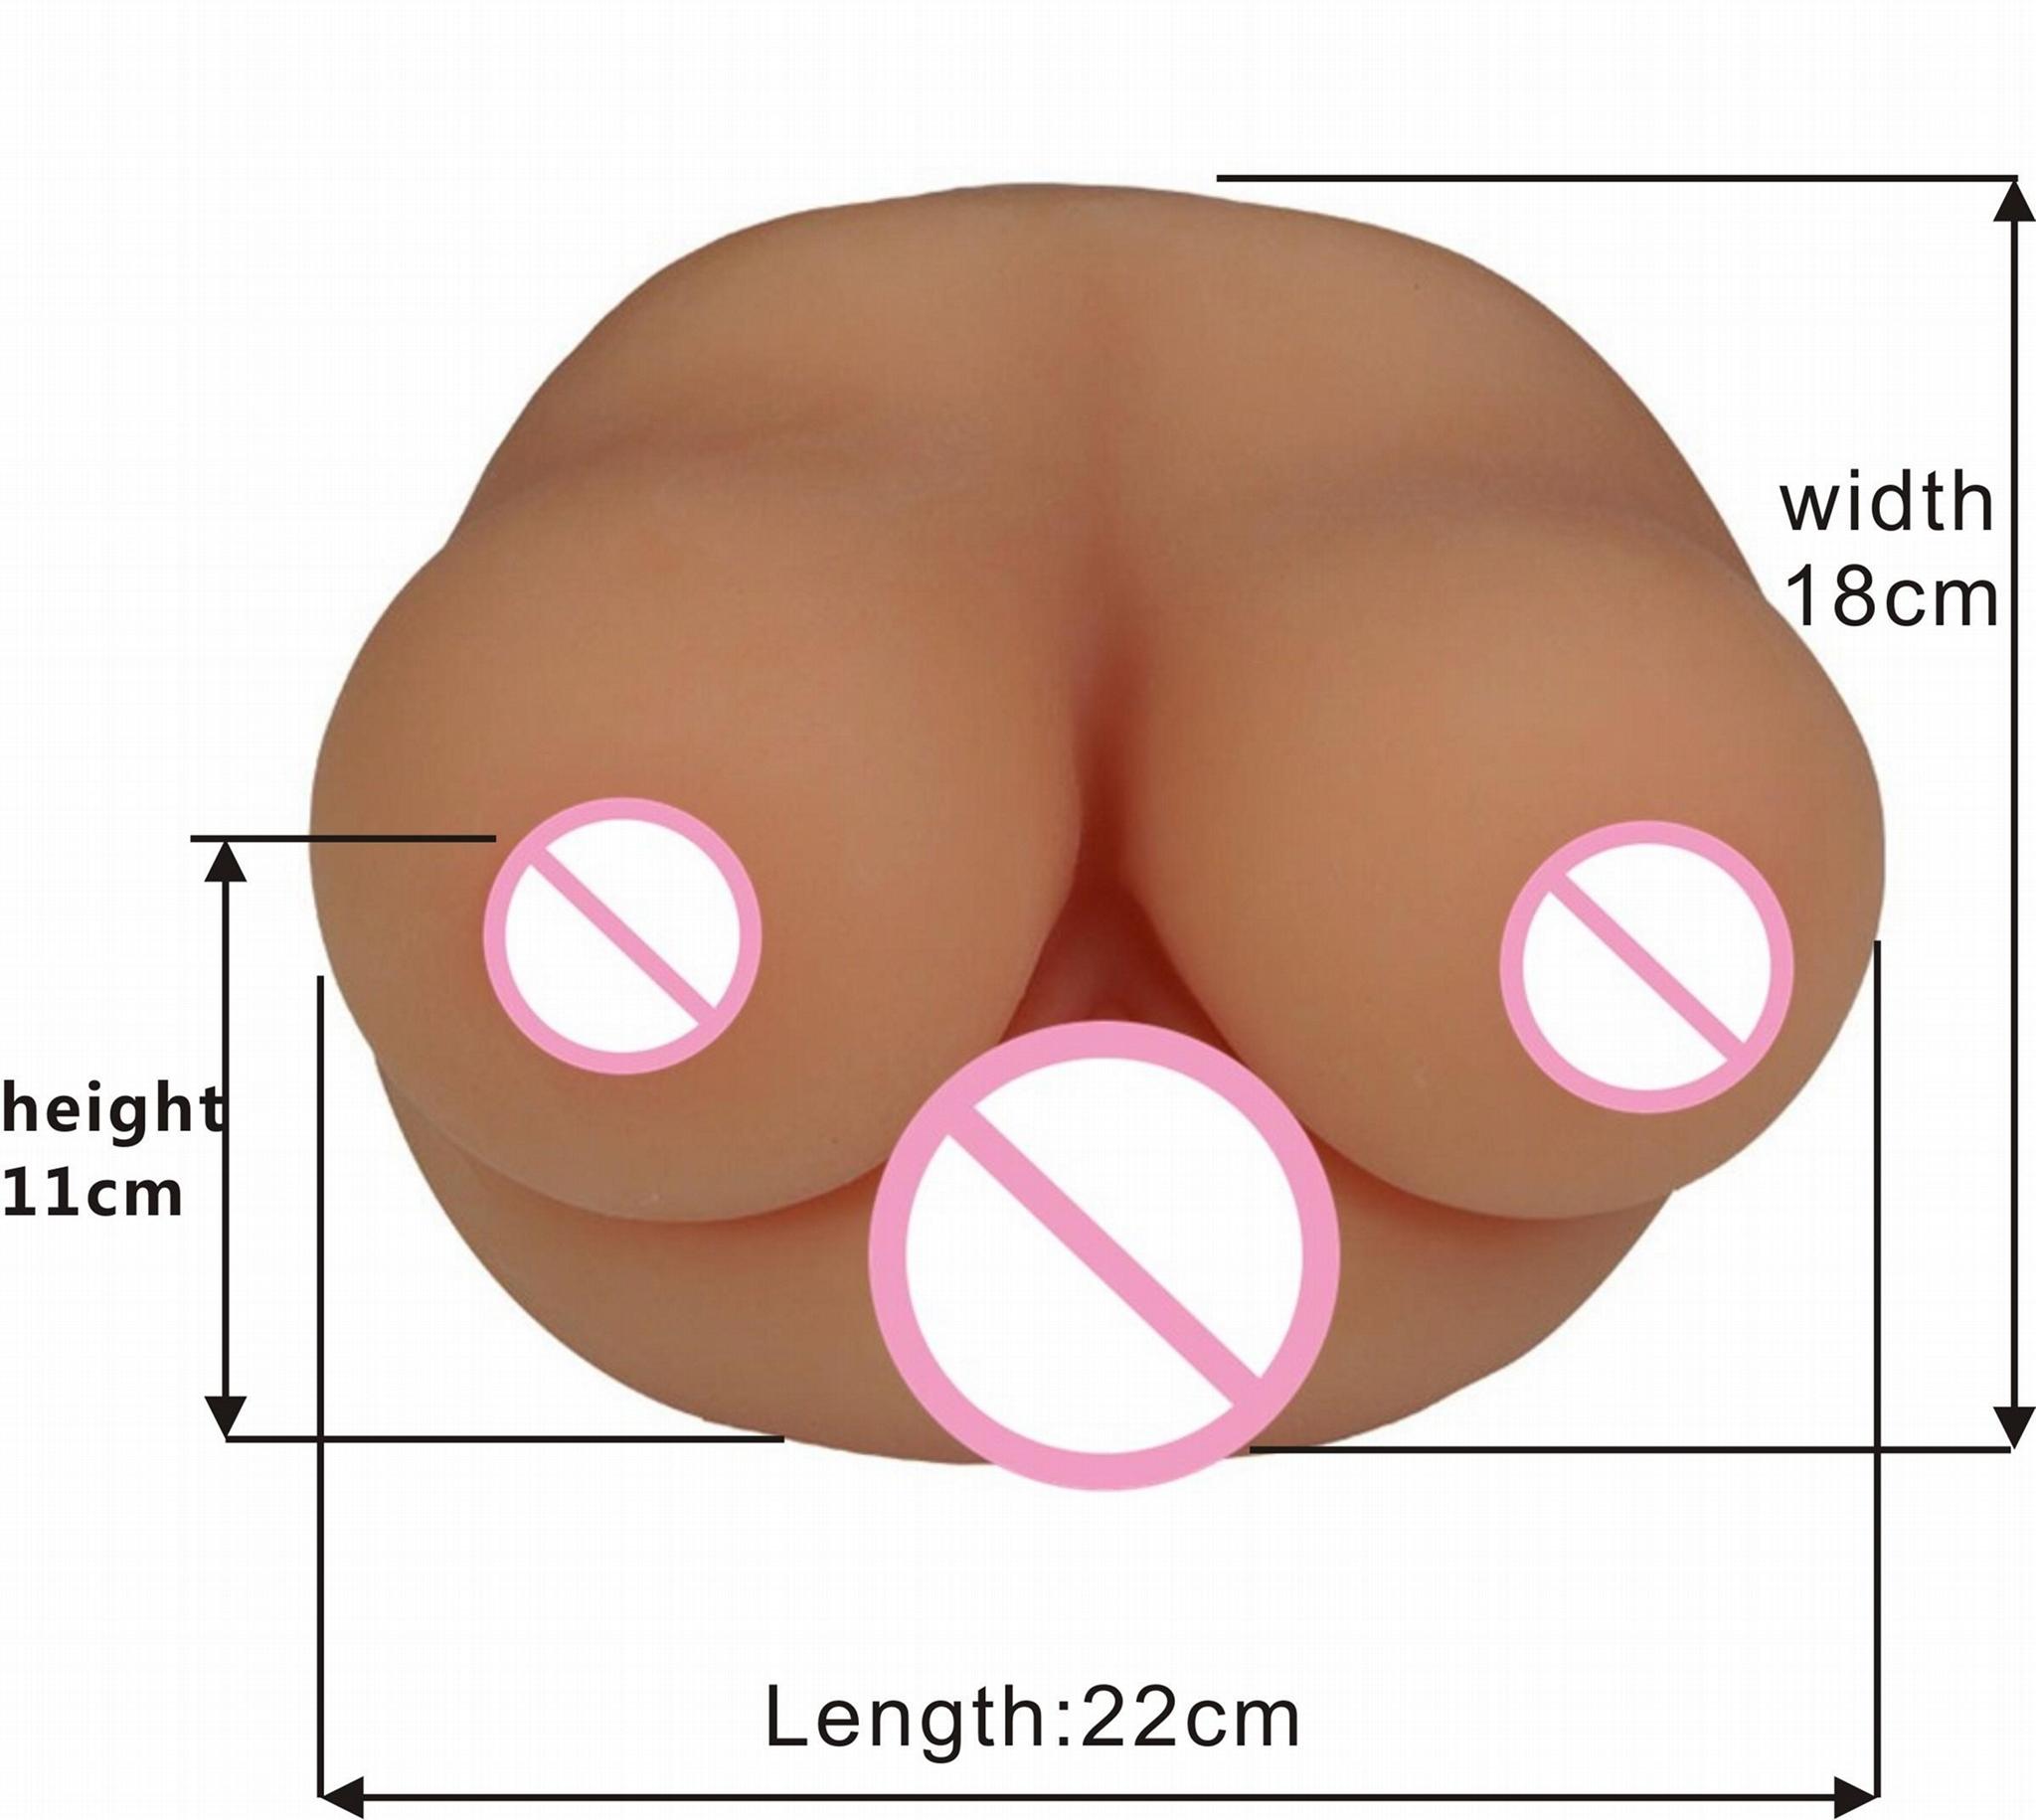 男用   具仿真人美少女胸部     仿真乳房代理免费 11